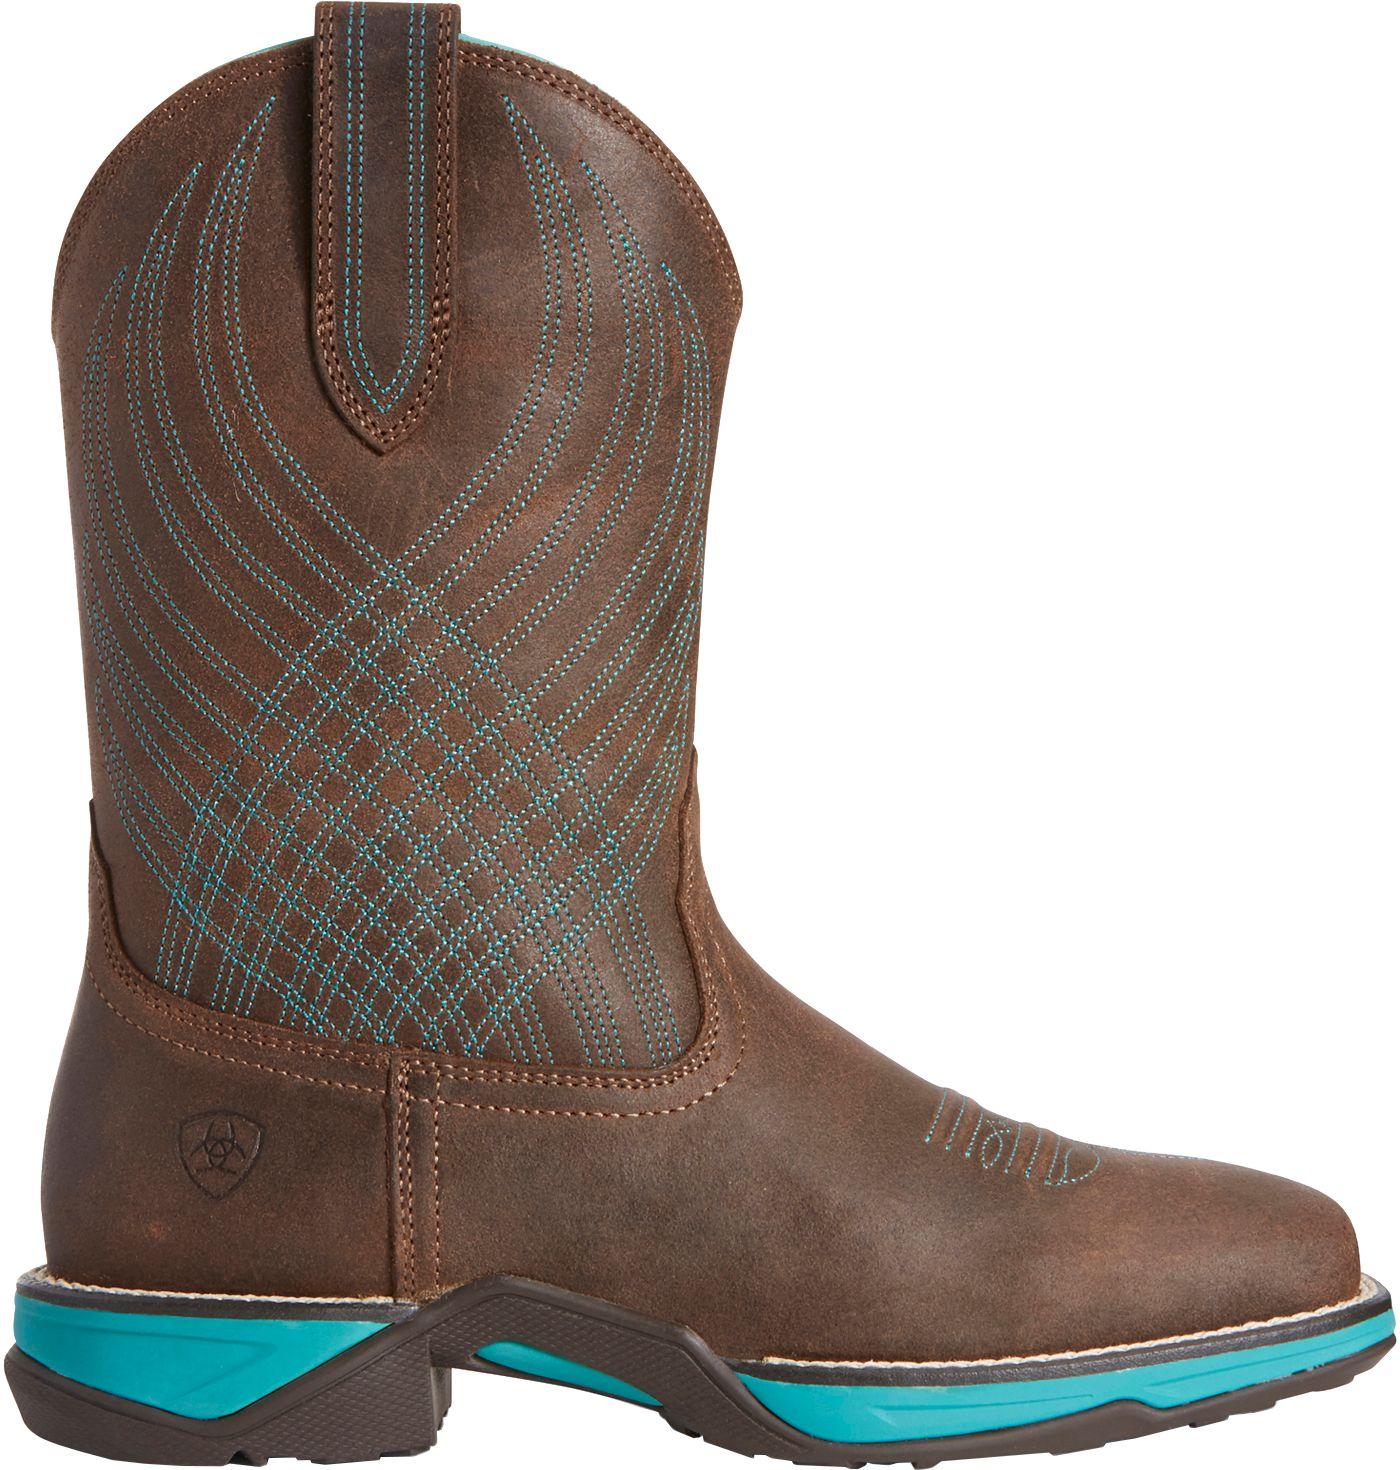 Ariat Women's Anthem Western Boots